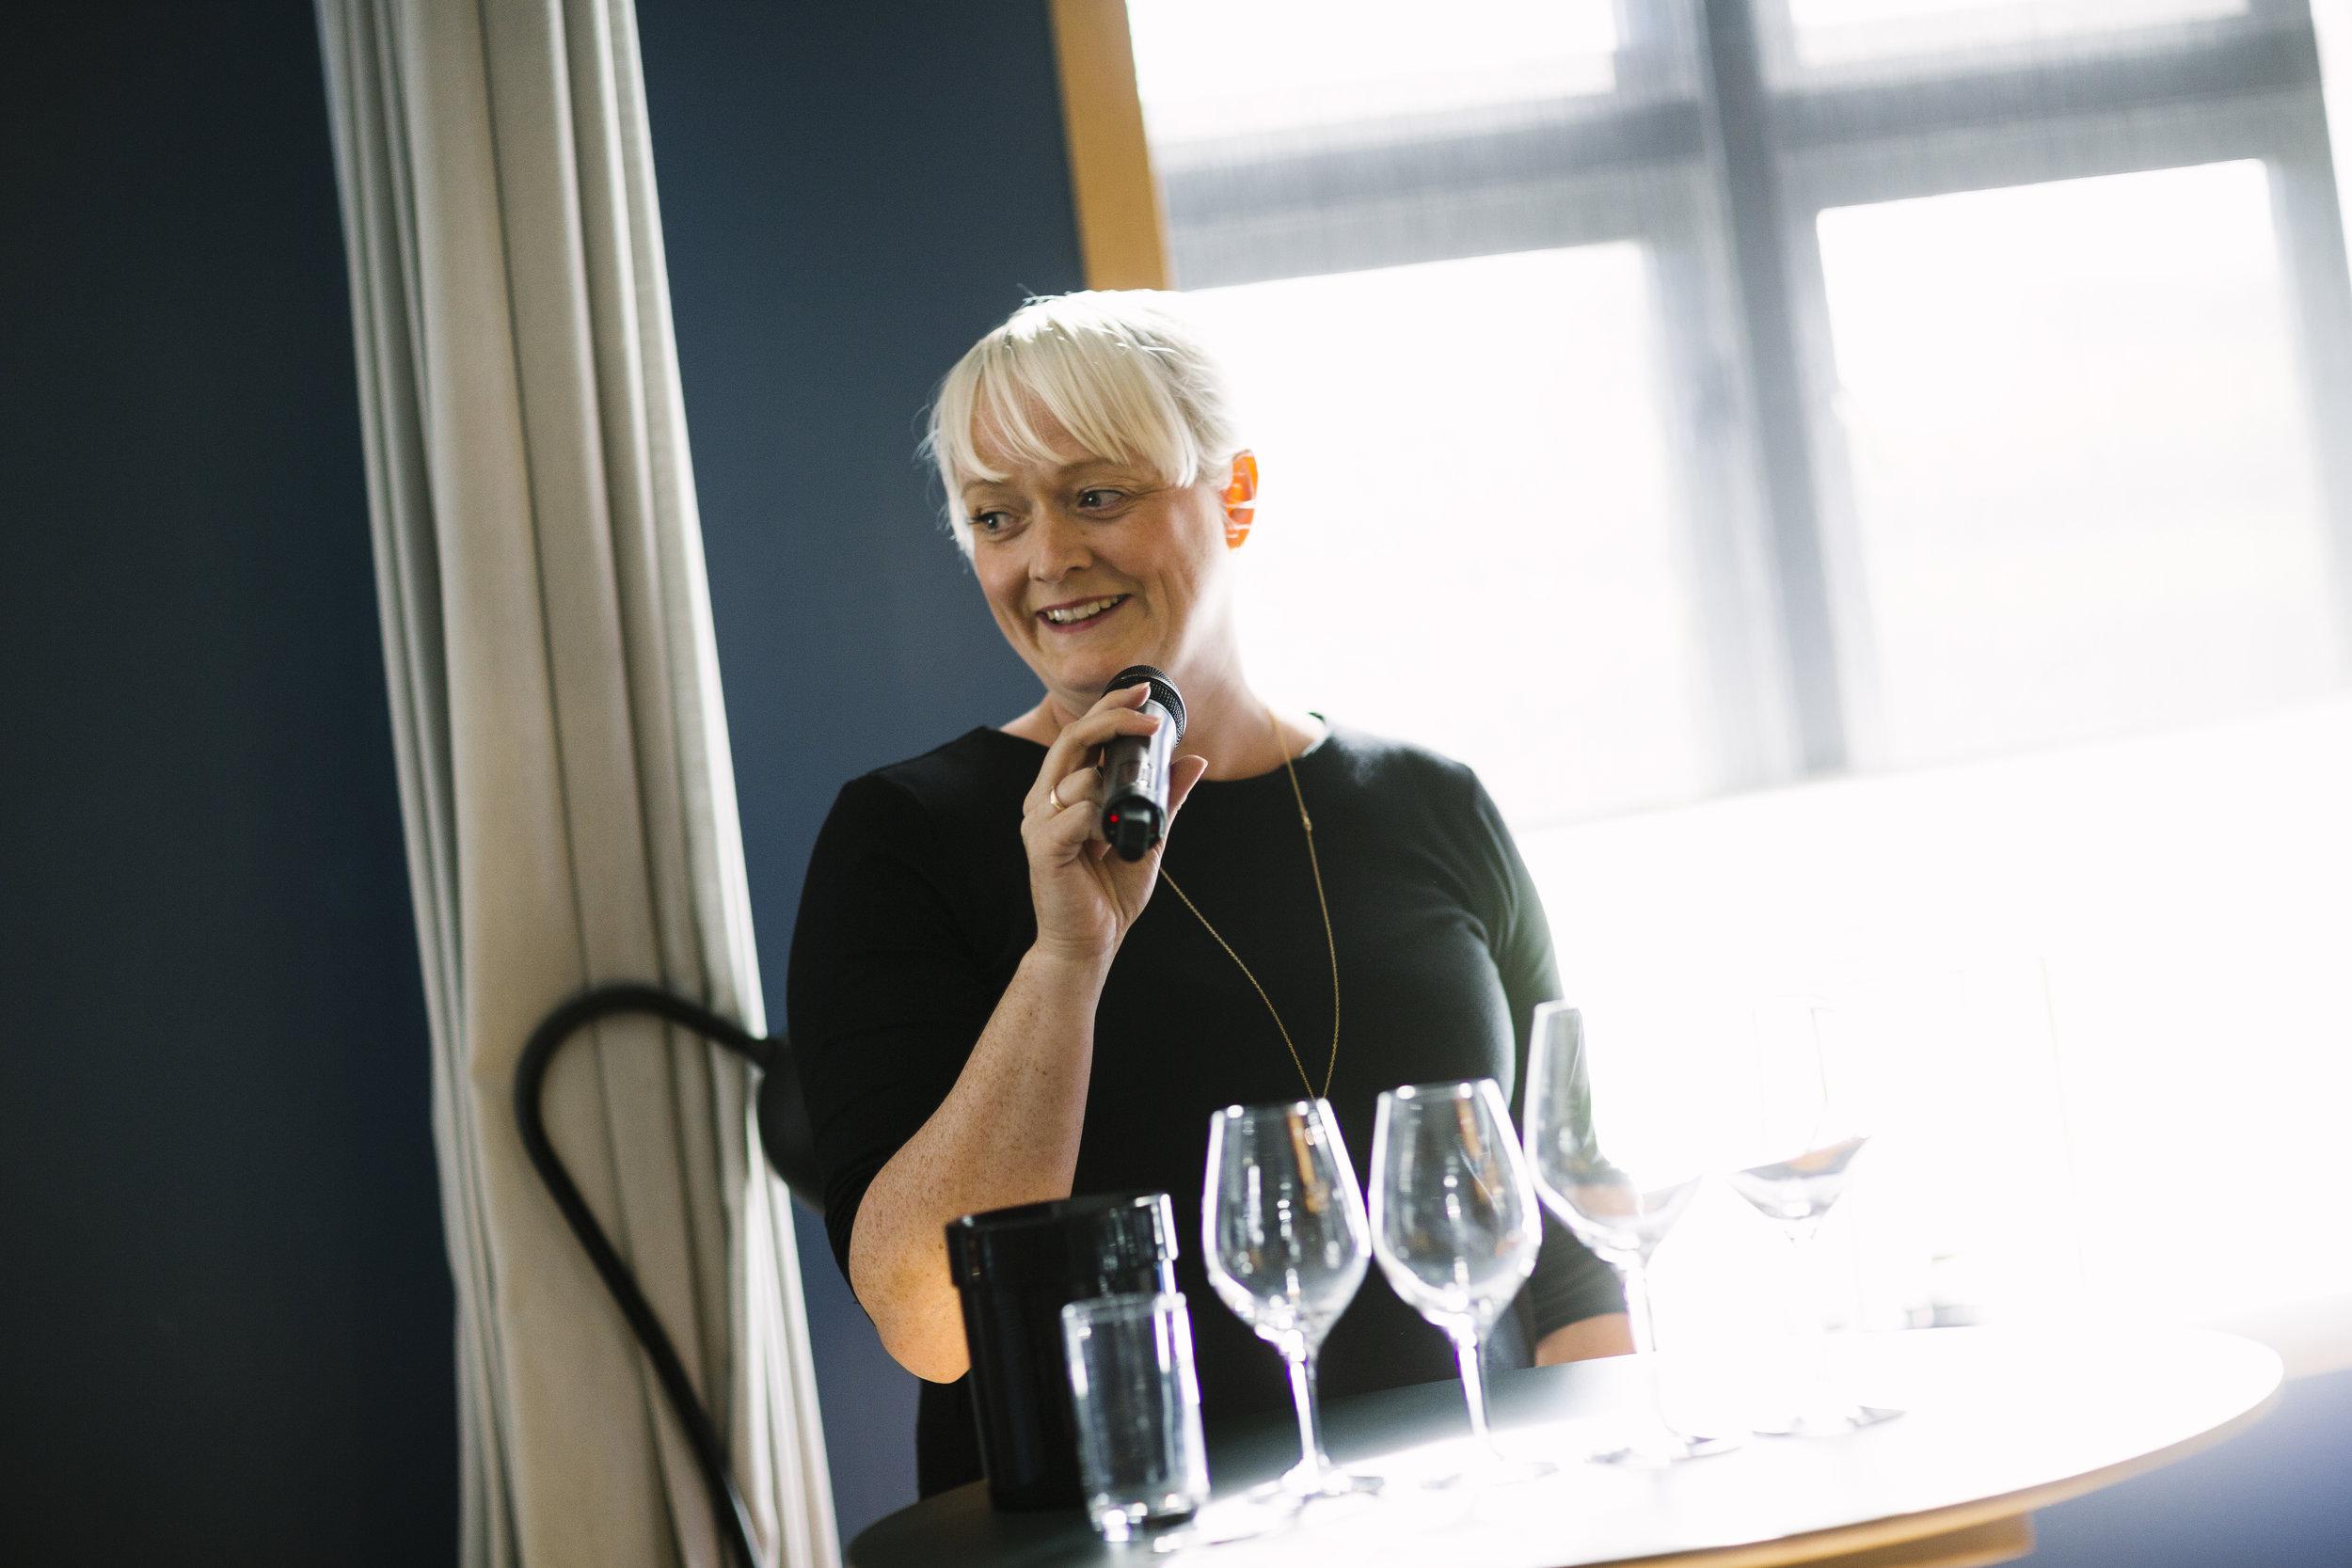 Vi tilbyr spesialtilpassede vinsmakinger,både for privatpersoner og bedrifter. - I samarbeid med restauranter og cateringselskap, samt en rekke aktører innen underholdningsbransjen, kan vi dessuten tilby mer helhetlige konsepter.